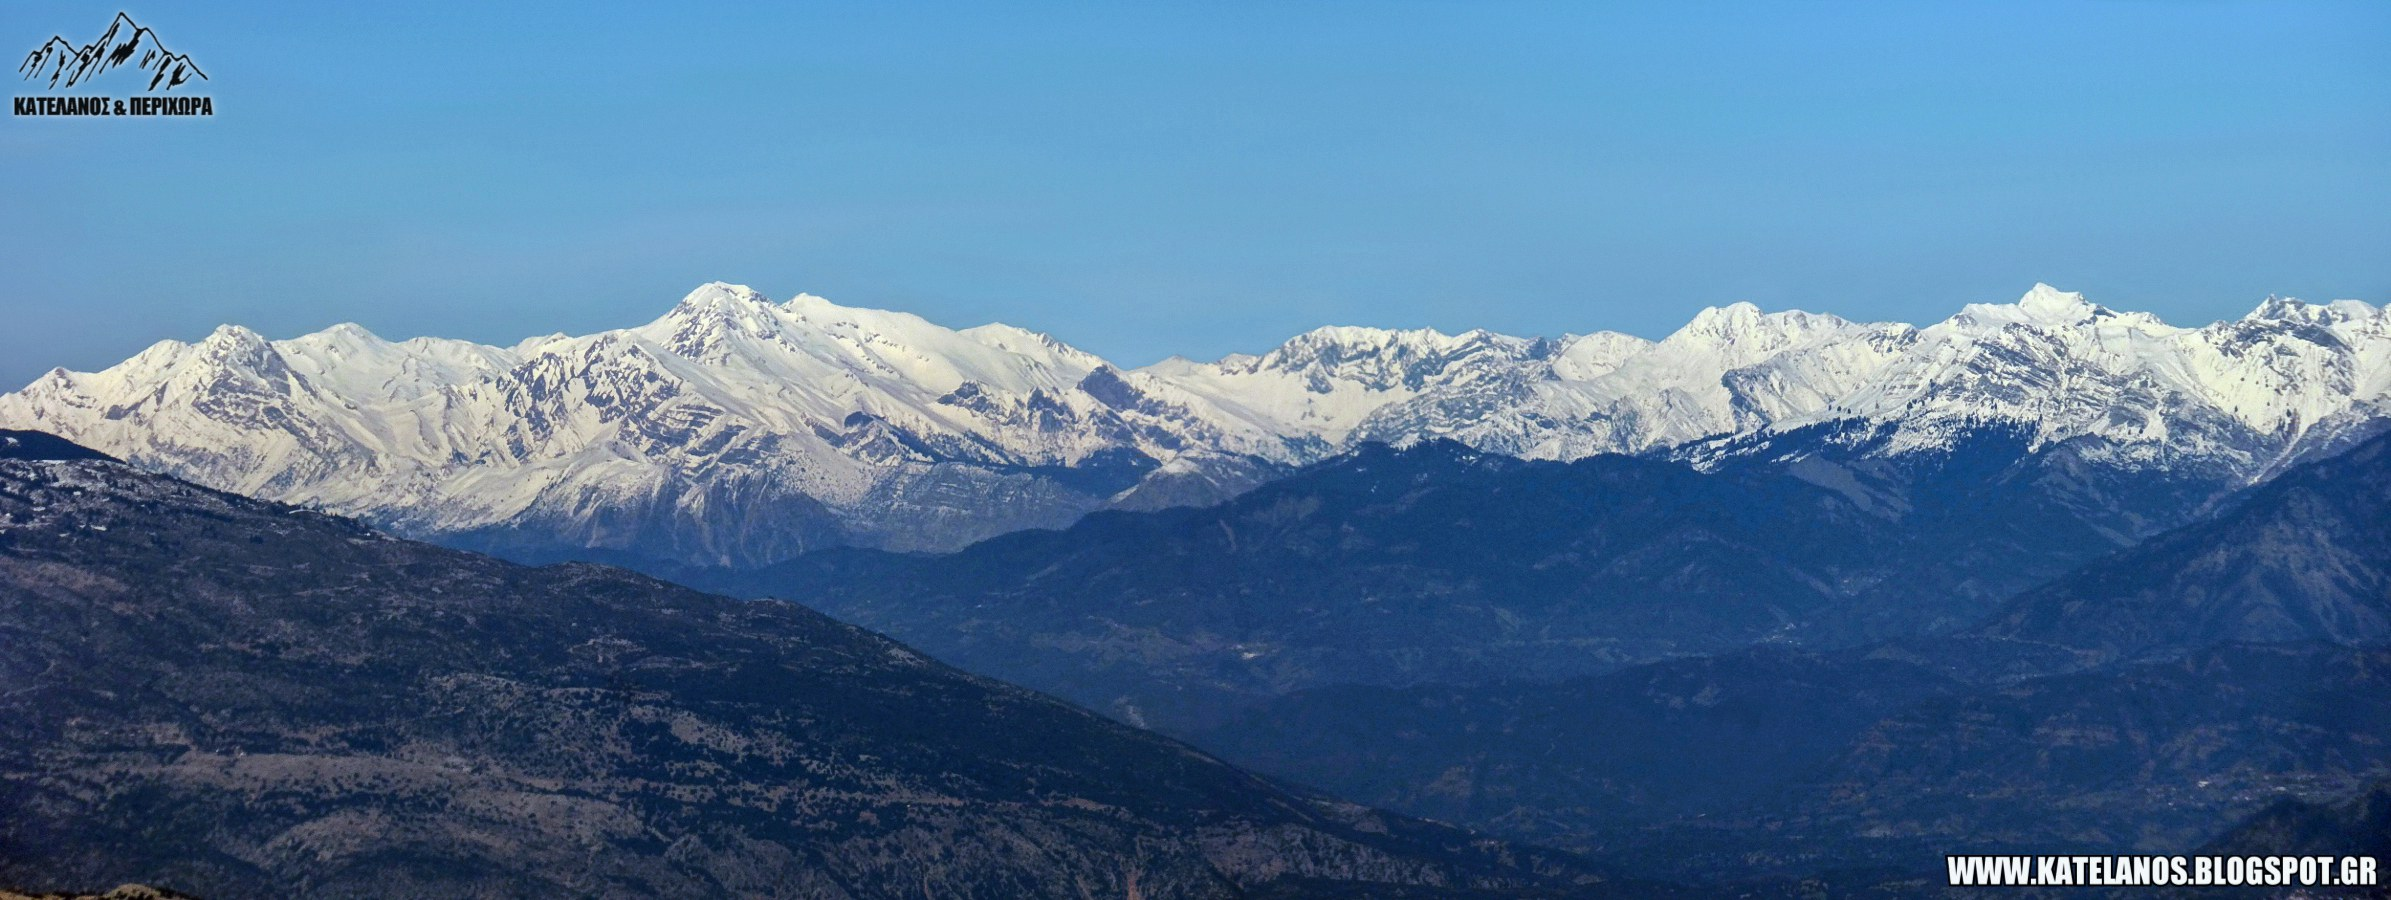 κριακουρας κακαρδιτσα φωτο χιονι χειμωνας χιονισμενα βουνα ορος χατζη πινδος τσιγκόρι